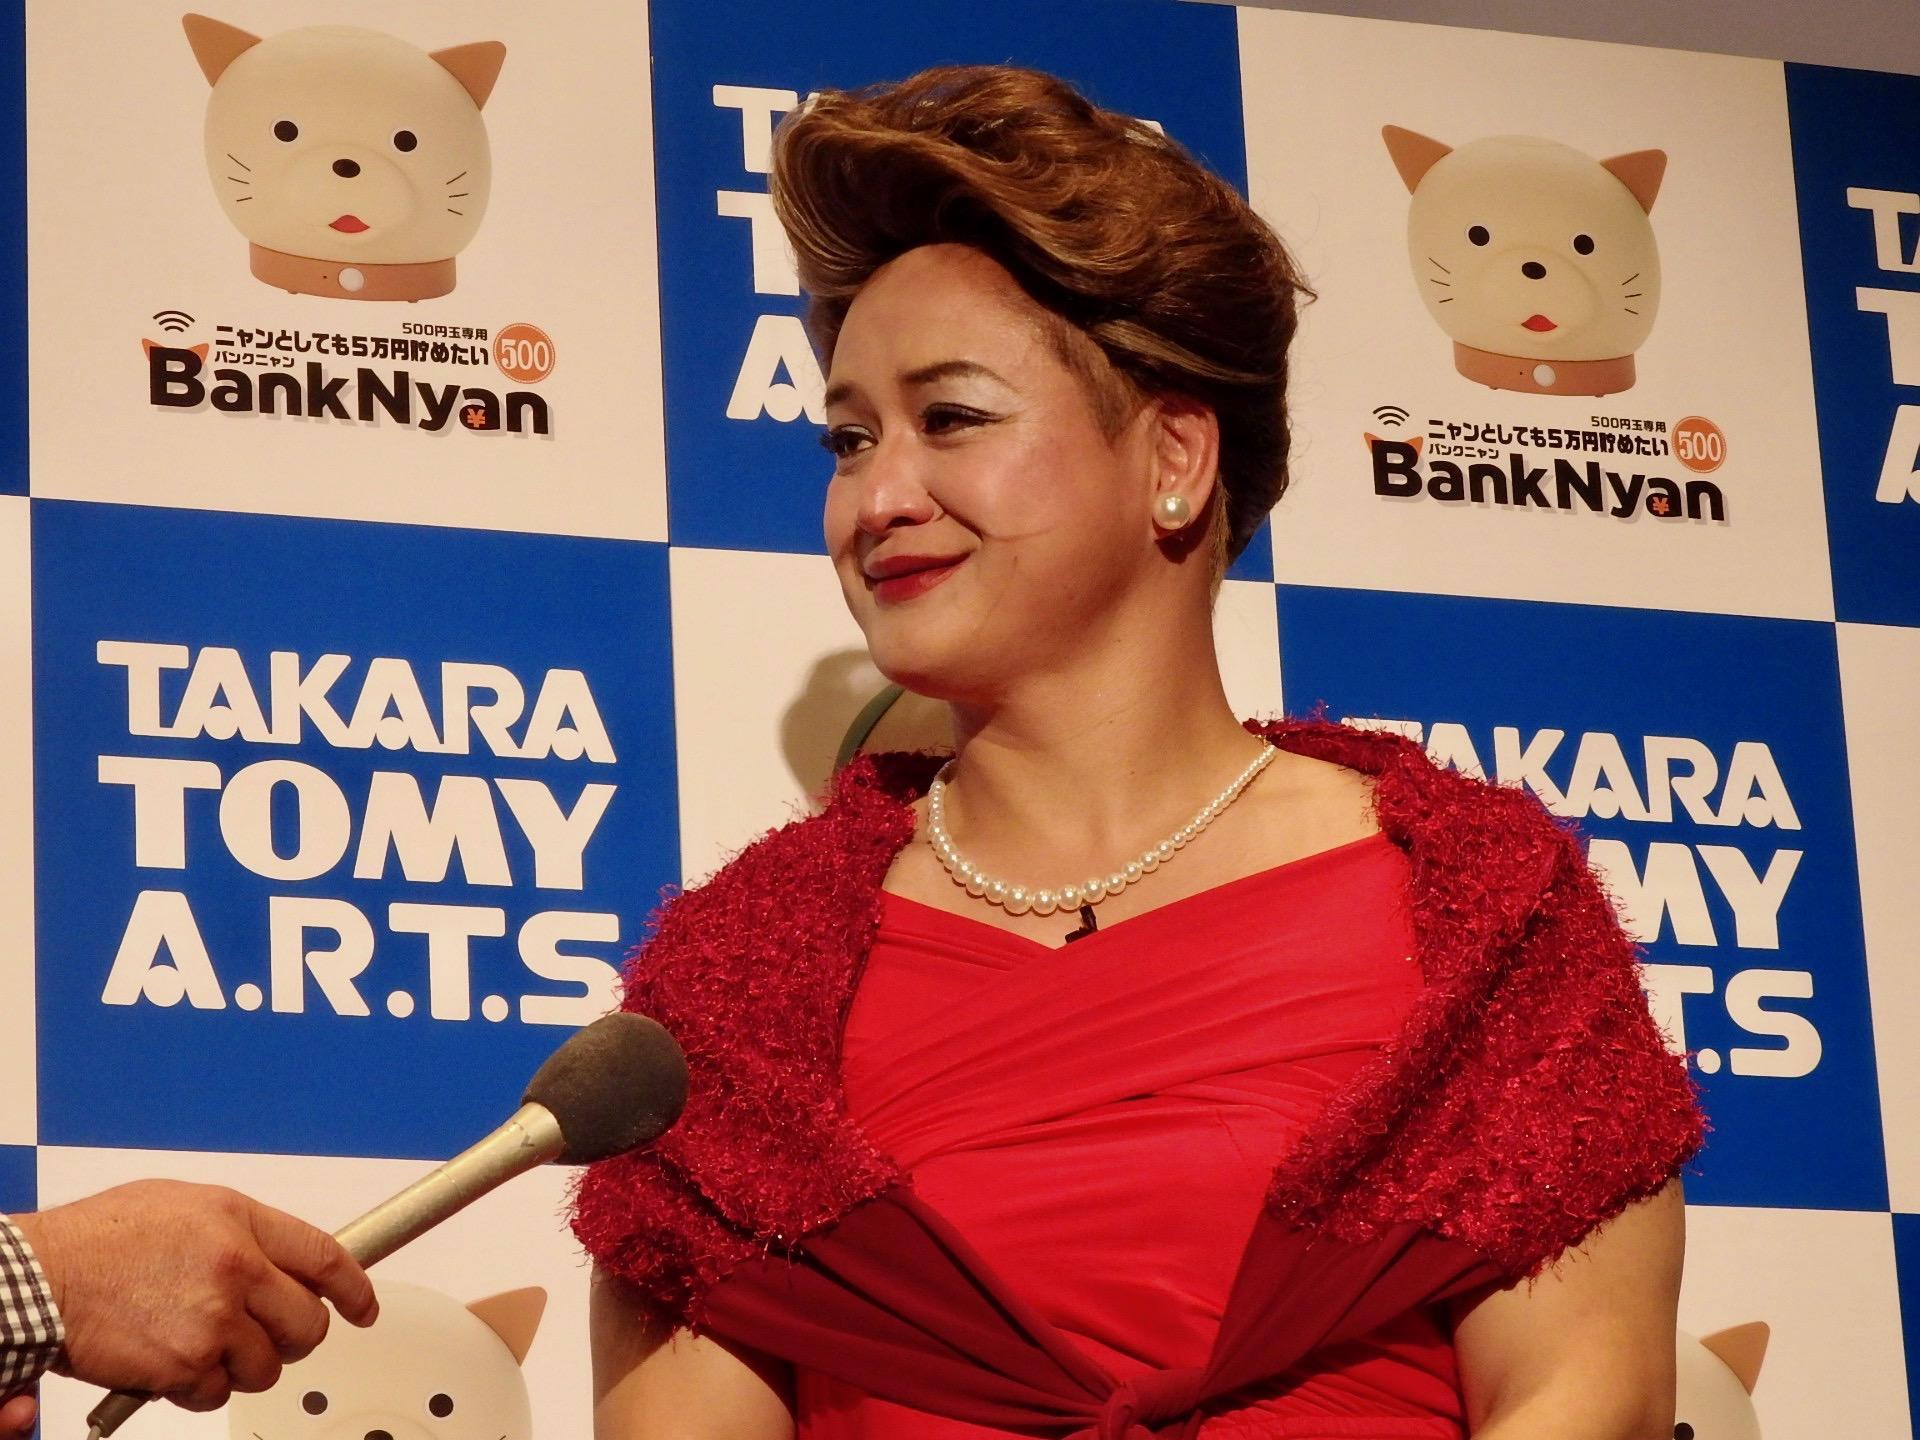 http://news.yoshimoto.co.jp/20181101002804-10ceb707a589e5a3897371448c30cae3e60e9d6f.jpg